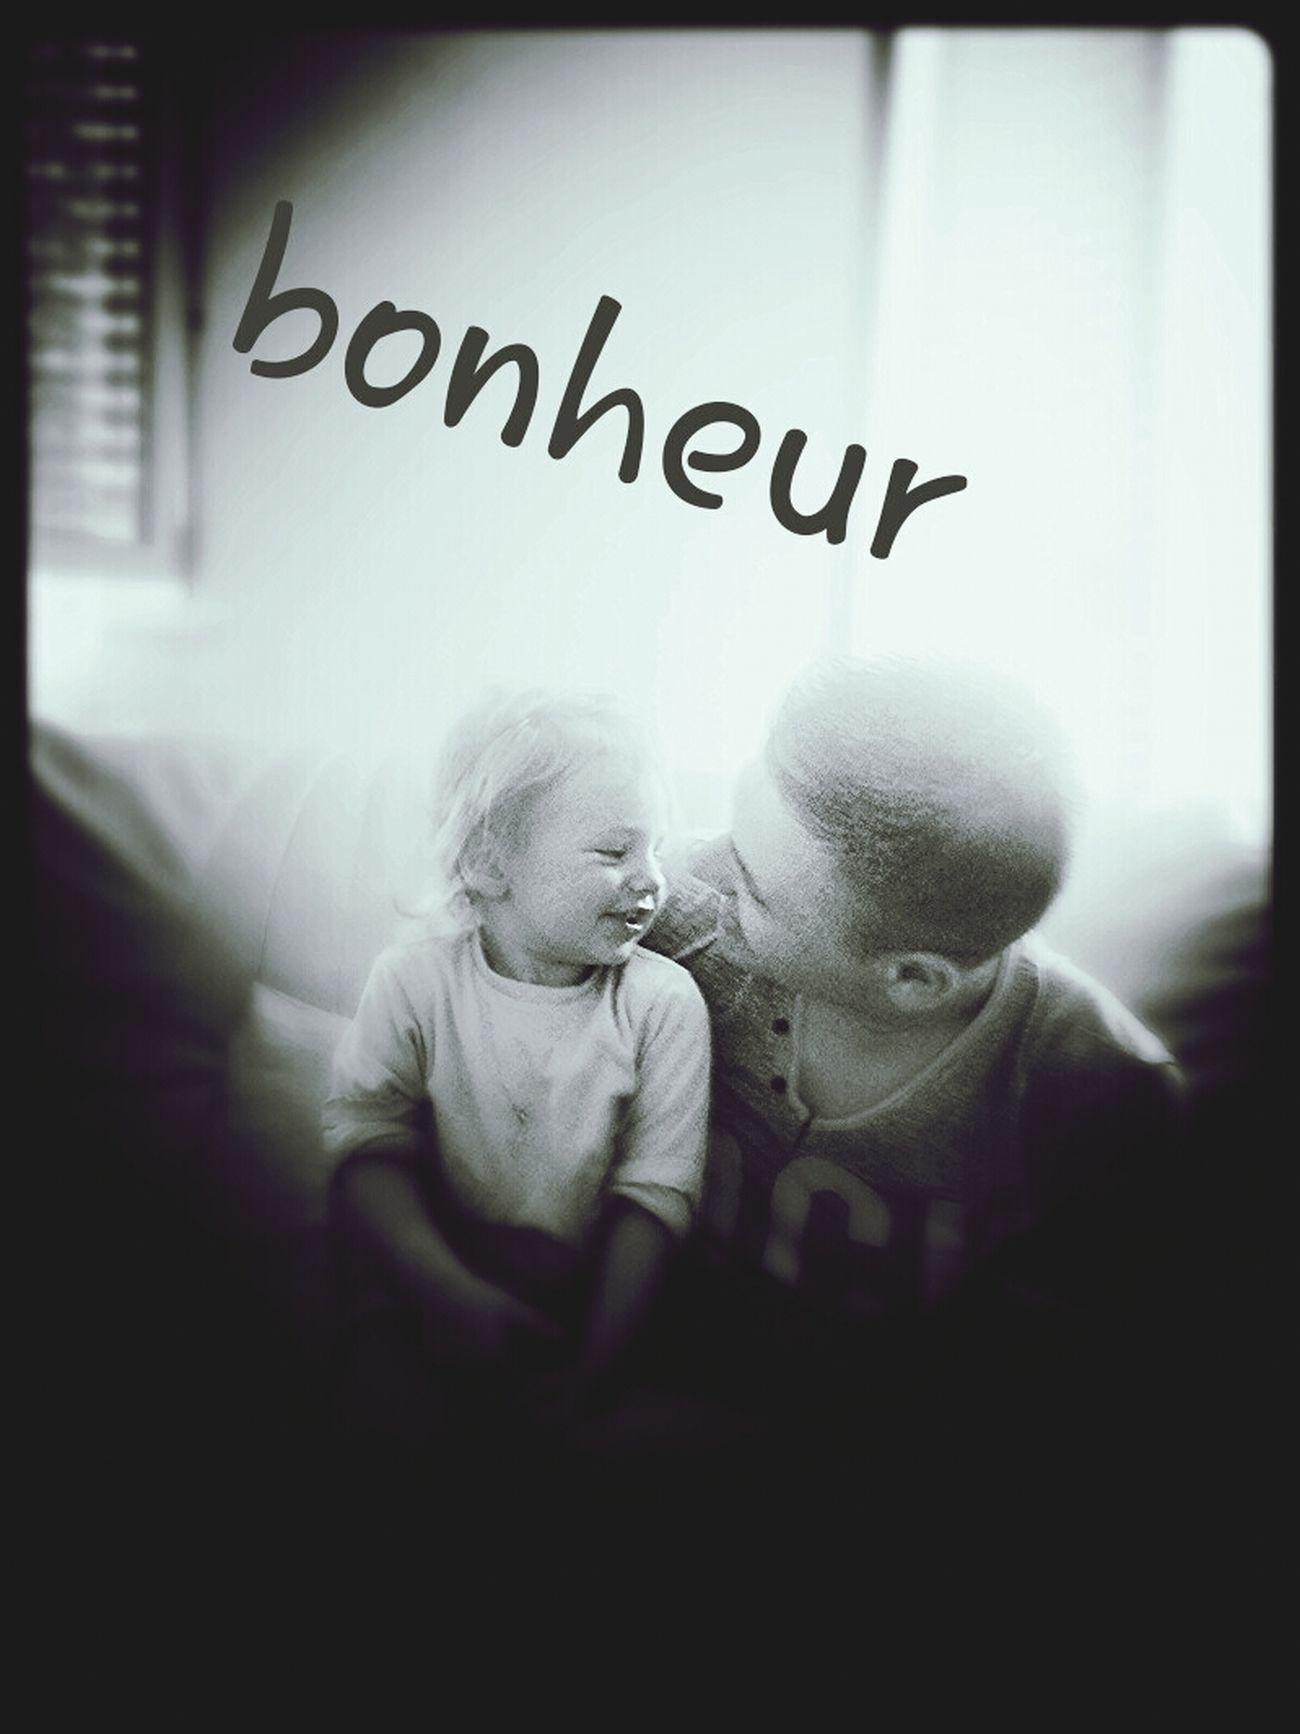 Quoi dire de plus....BOHNEUR! Alycia Papa ❤ Krommenacker Yannick Www.dj-ghost.fr